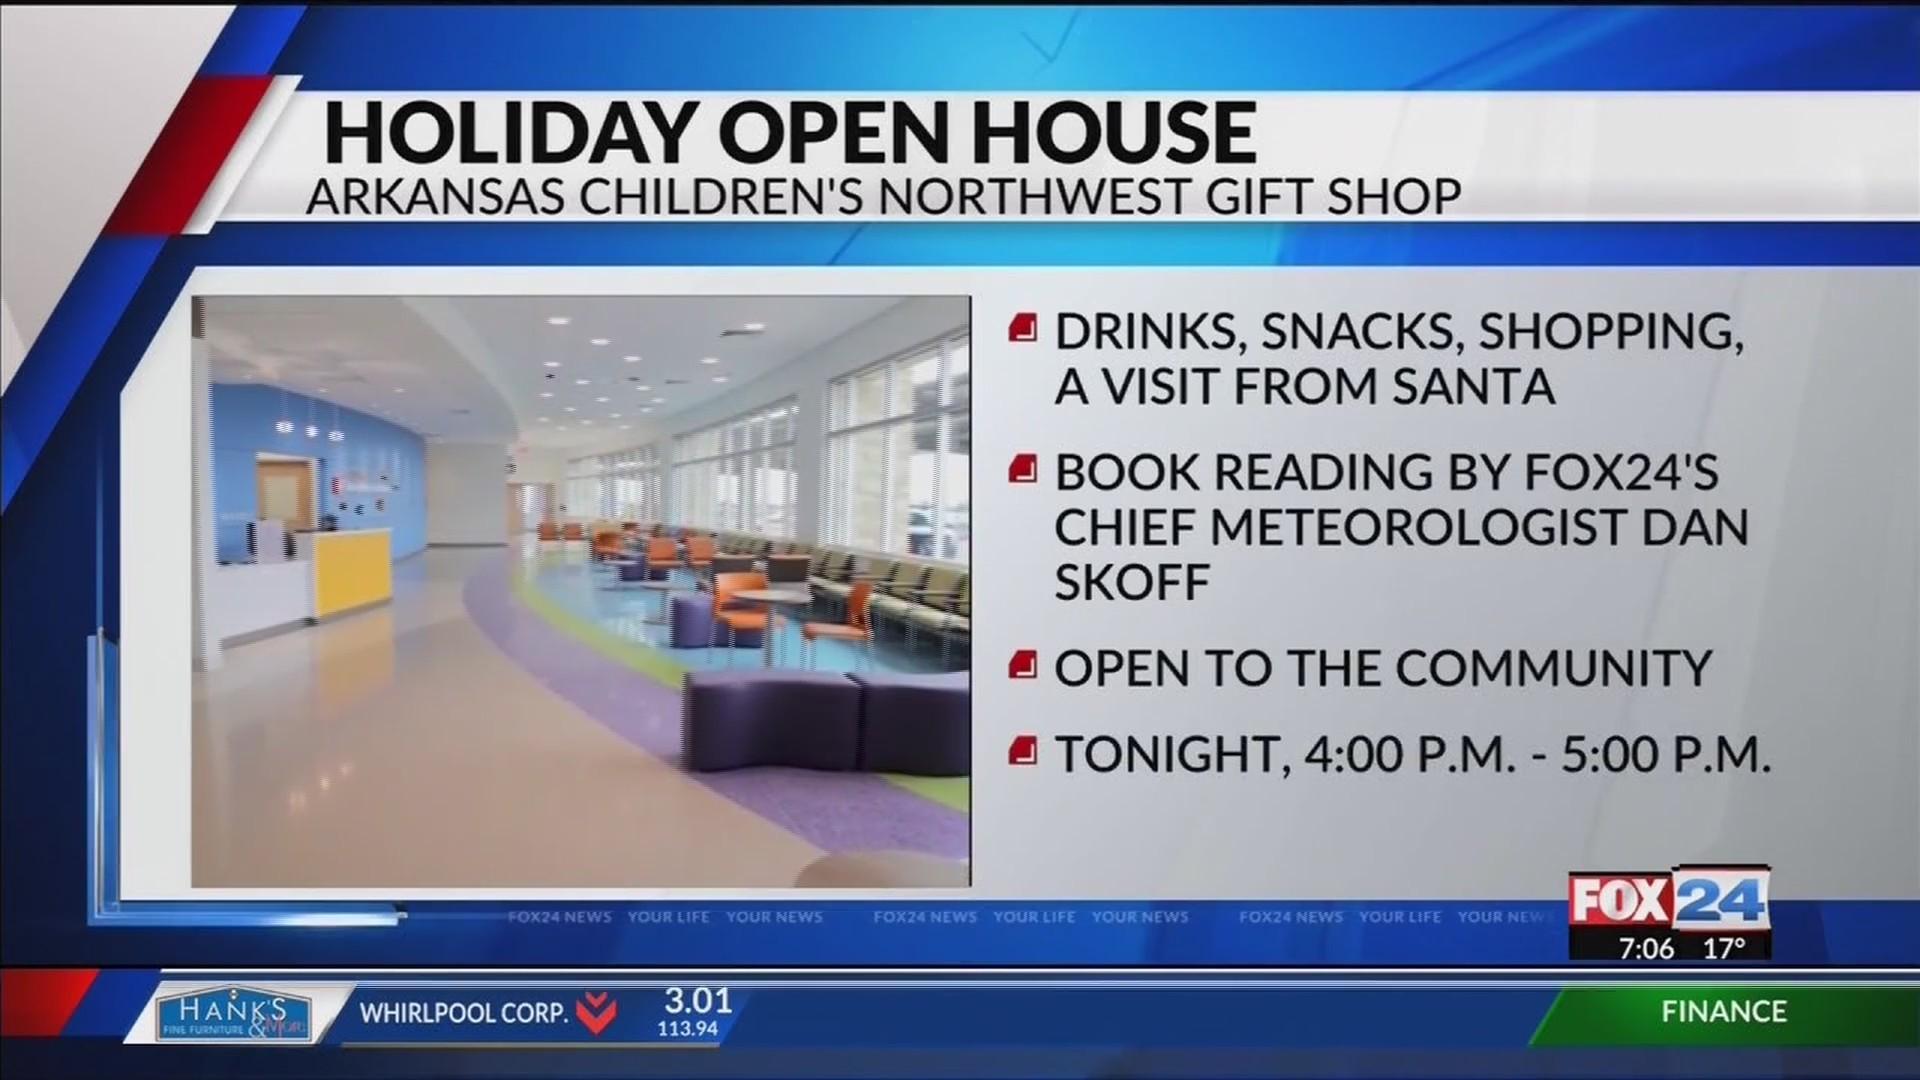 Arkansas_Children_s_Northwest_Hosting_In_0_20181115131853